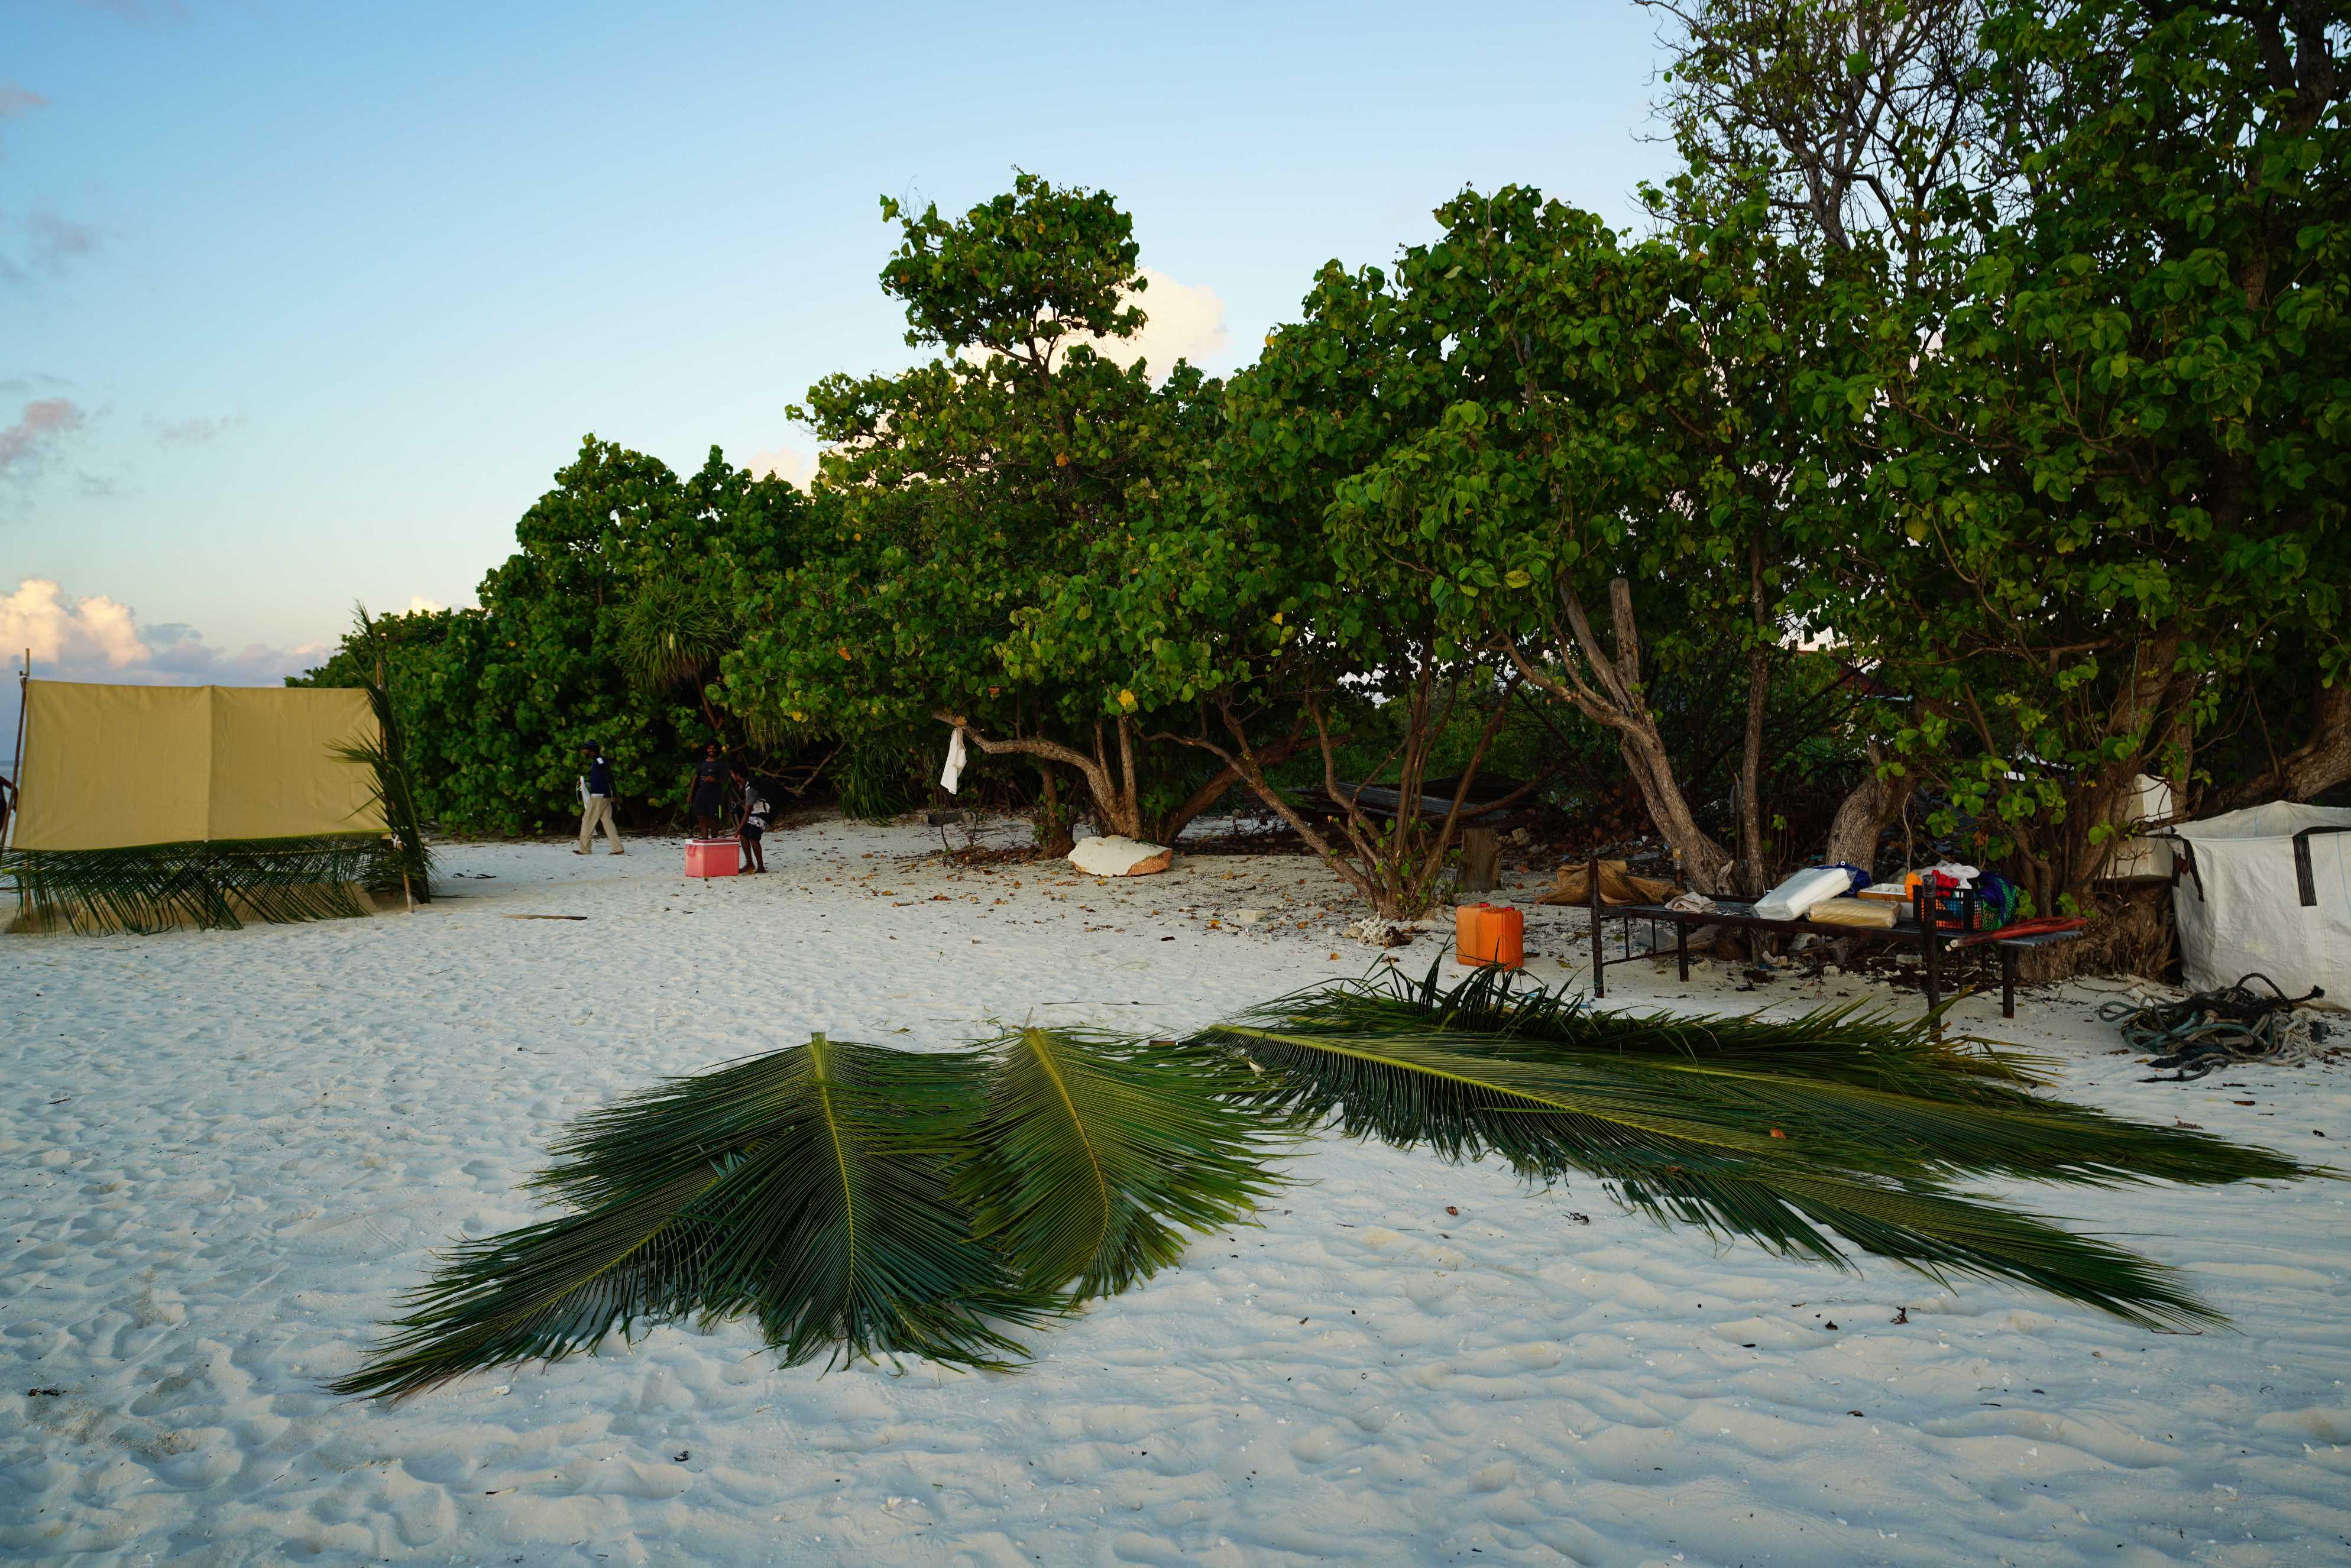 馬爾地夫。提納度Thinadhoo居民島的新奇旅程 – 夜宿浪漫 無人島  (上)